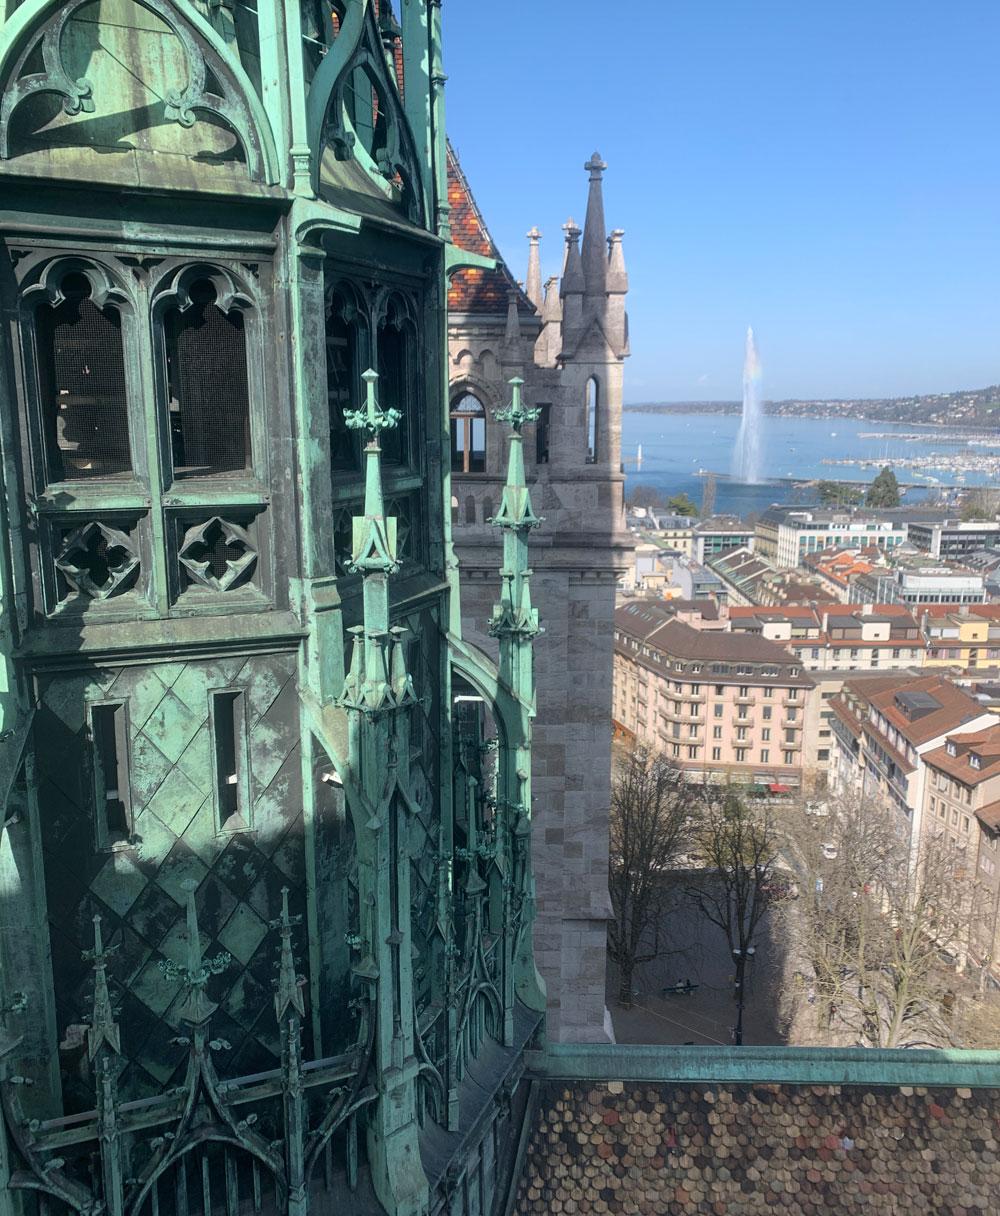 """In der sonrisa-Serie """"Tour de Suisse"""" gibt es Tipps zu besonders schönen Orten in der Schweiz wie etwa Genf, wo es viel zu entdecken gibt."""